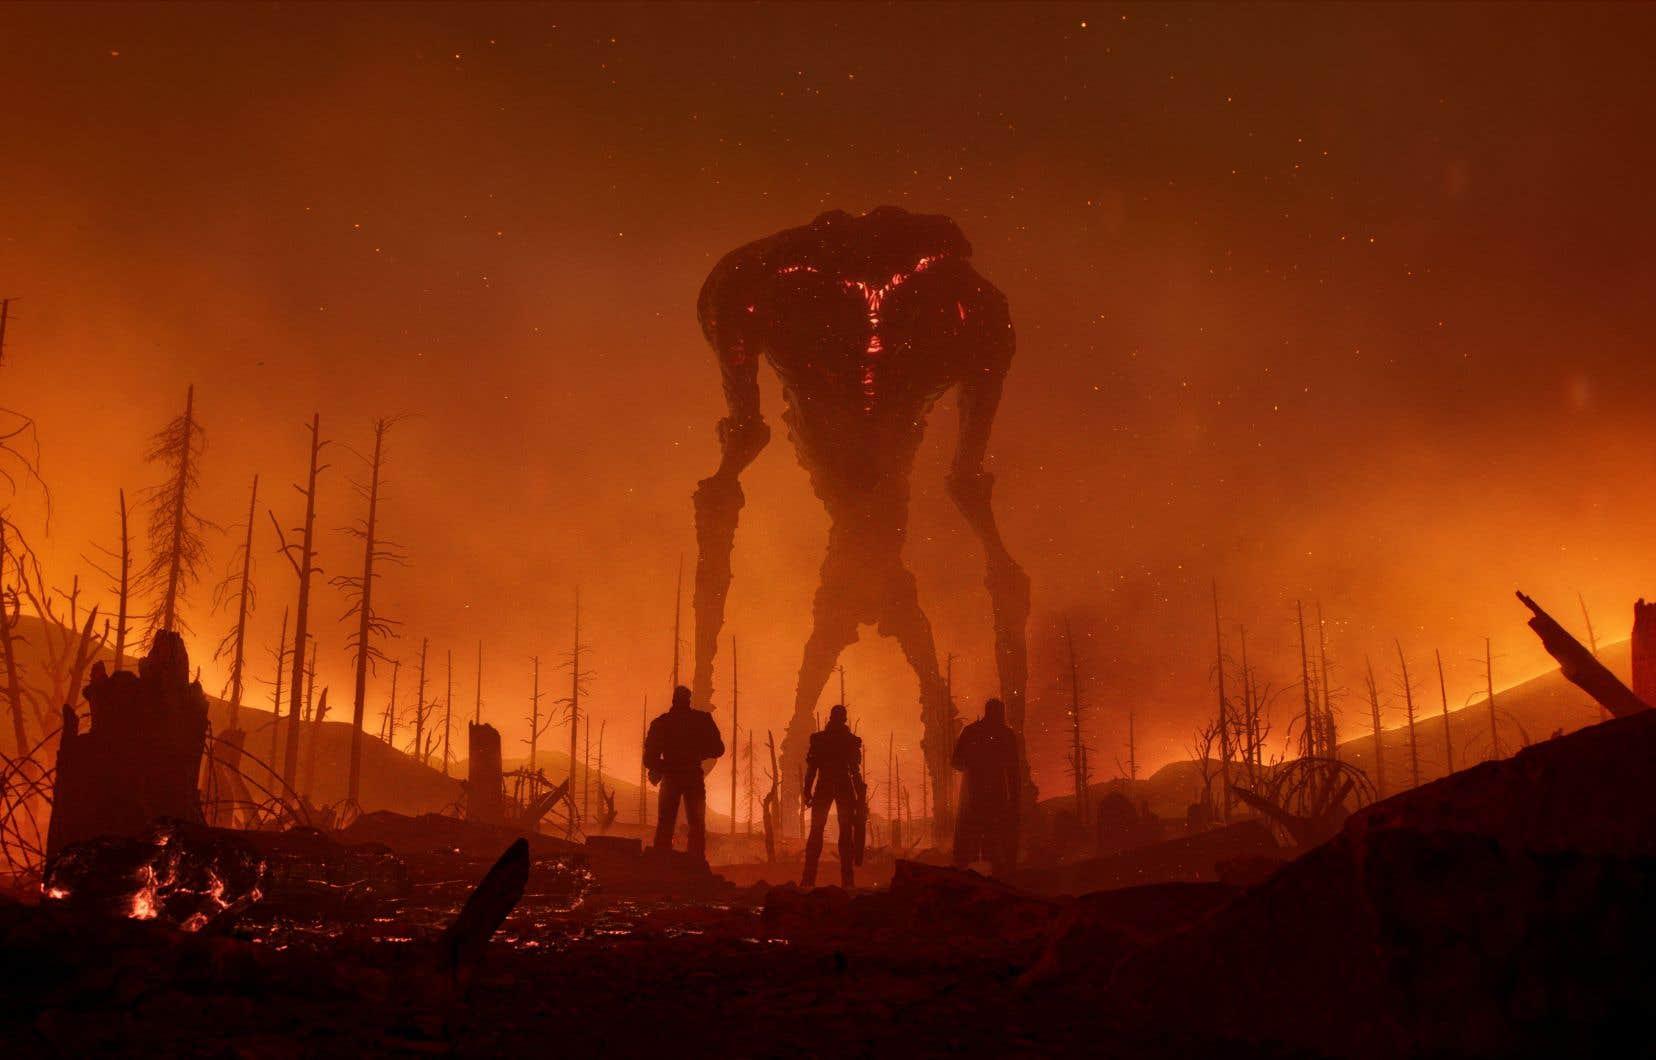 Le jeu <em>Outriders</em> est une sorte de croisement entre <em>Destiny</em>, <em>Mass Effect</em> et <em>Gears of War</em> dans lequel l'humanité se voit investie de superpouvoirs.